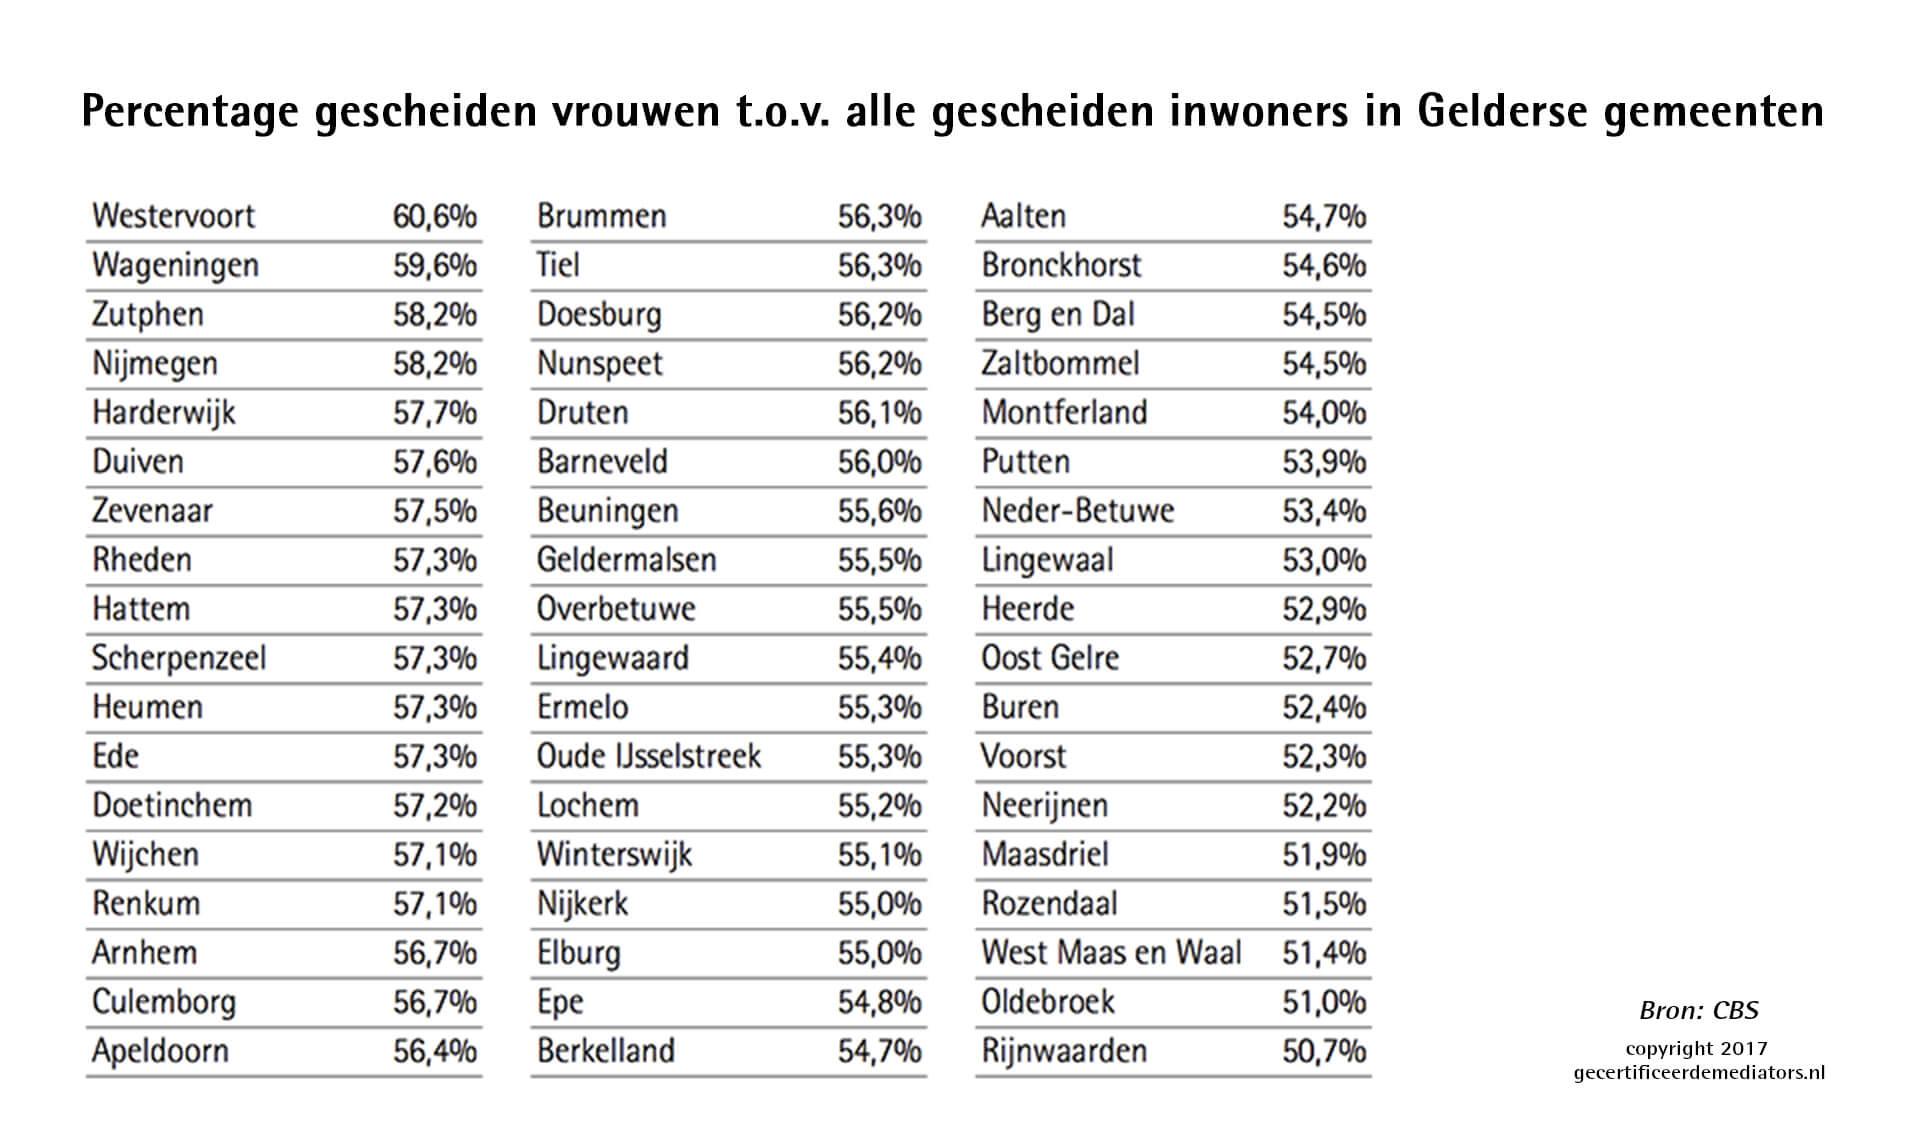 Gelderland percentage gescheiden vrouwen tov alle gescheiden inwoners